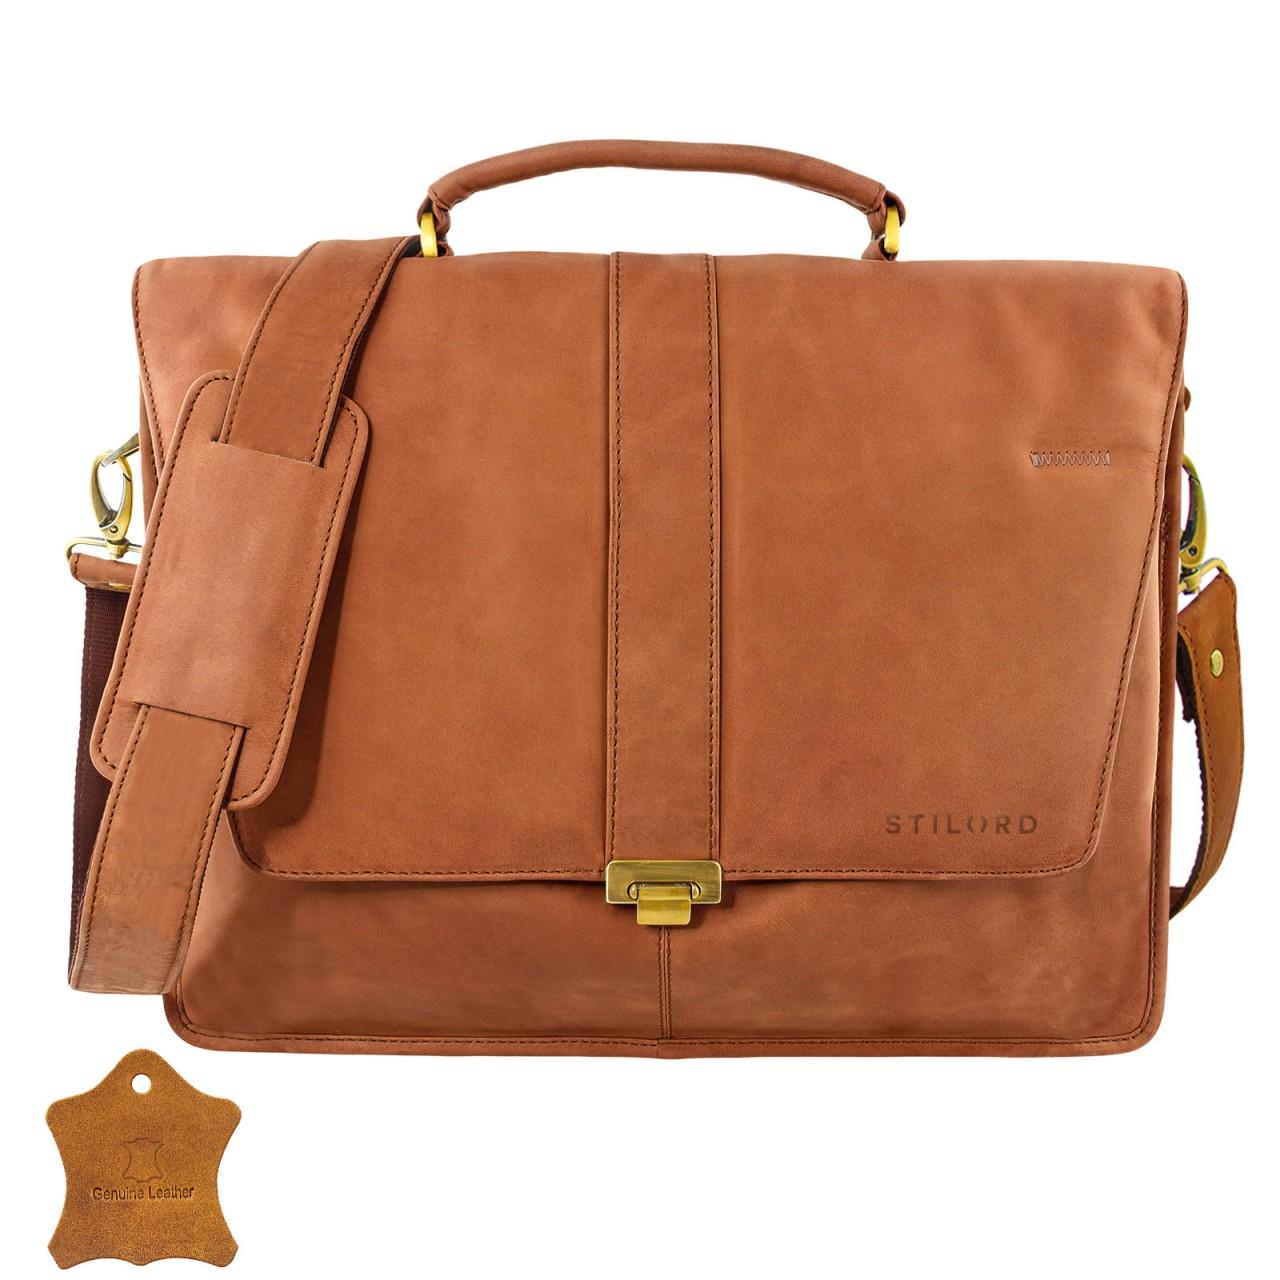 STILORD Vintage Umhängetasche groß Aktentasche Schultertasche 15,6 Zoll Laptoptasche - ideal für Büro Uni Arbeit Leder braun - Bild 2